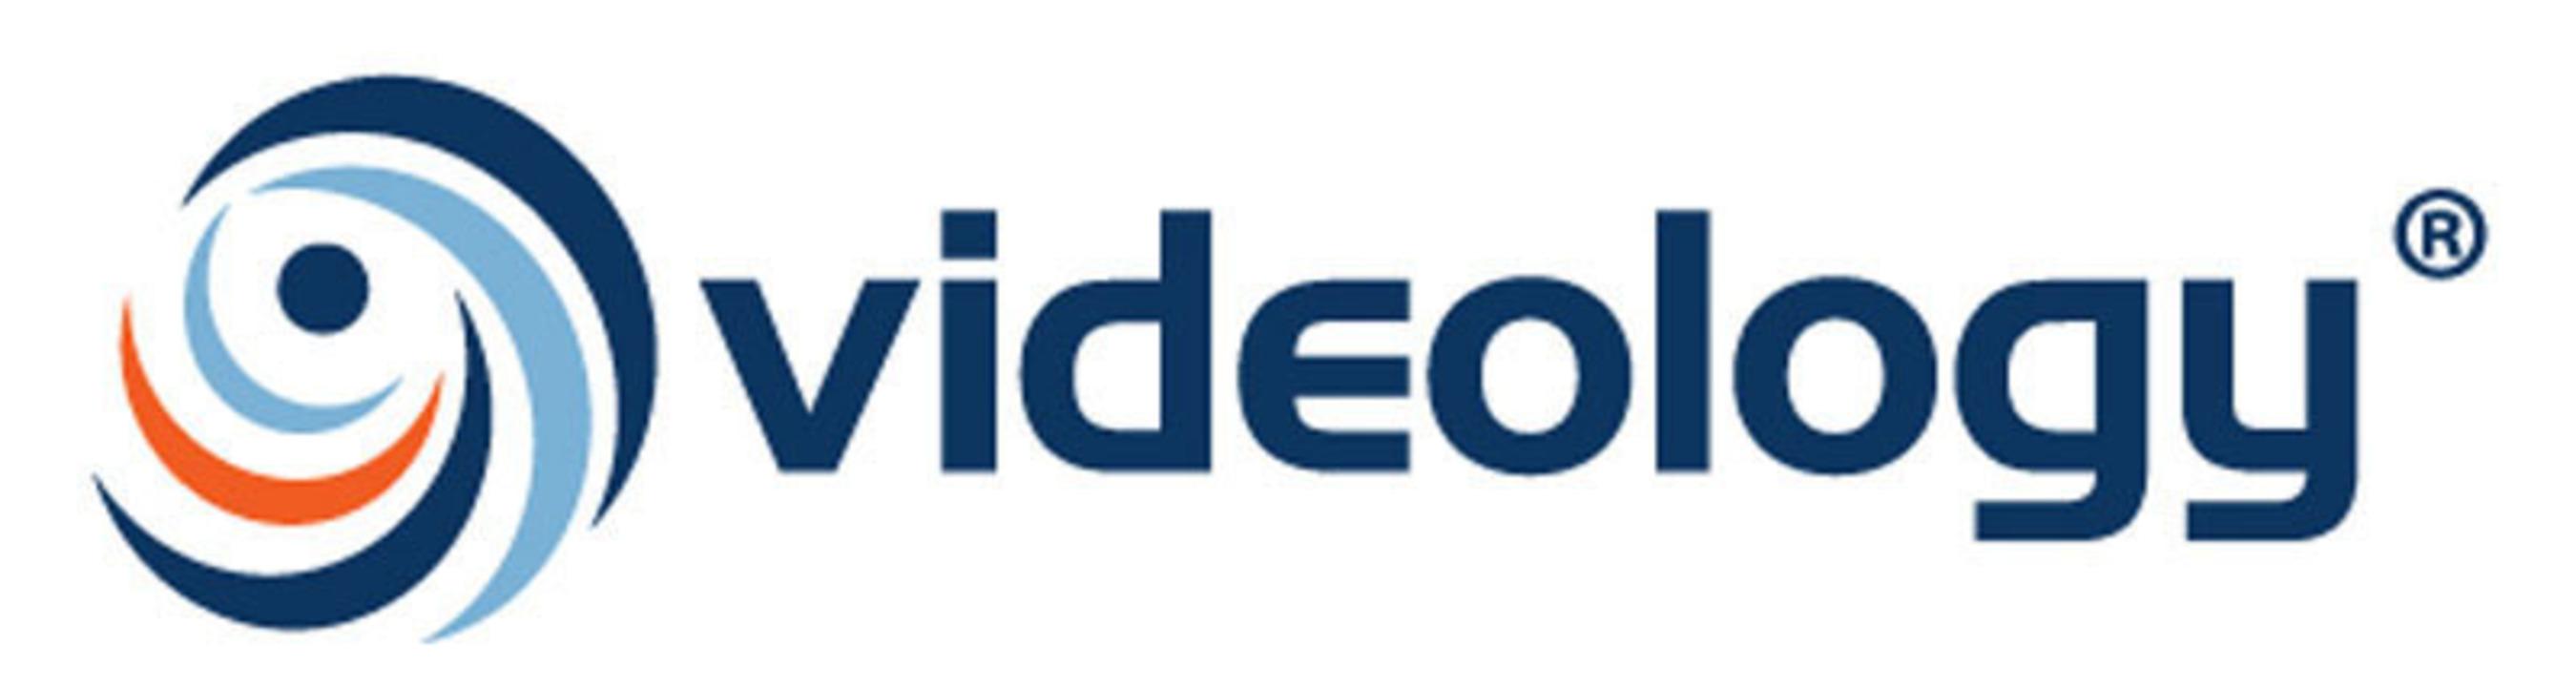 Videology logo.